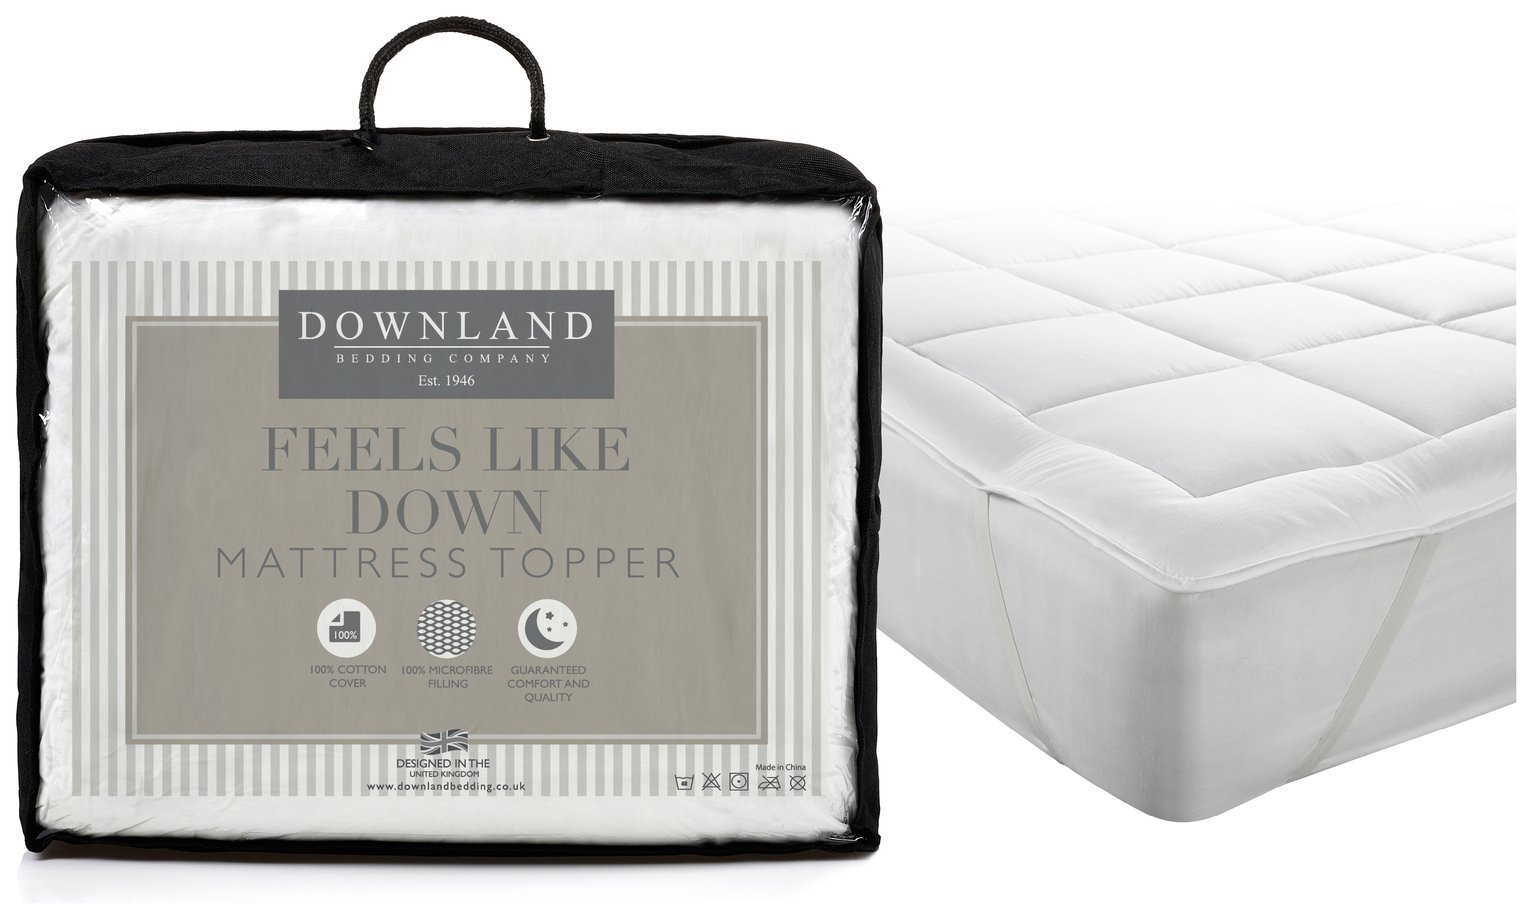 Downland Feels Like Down Mattress Topper - Double